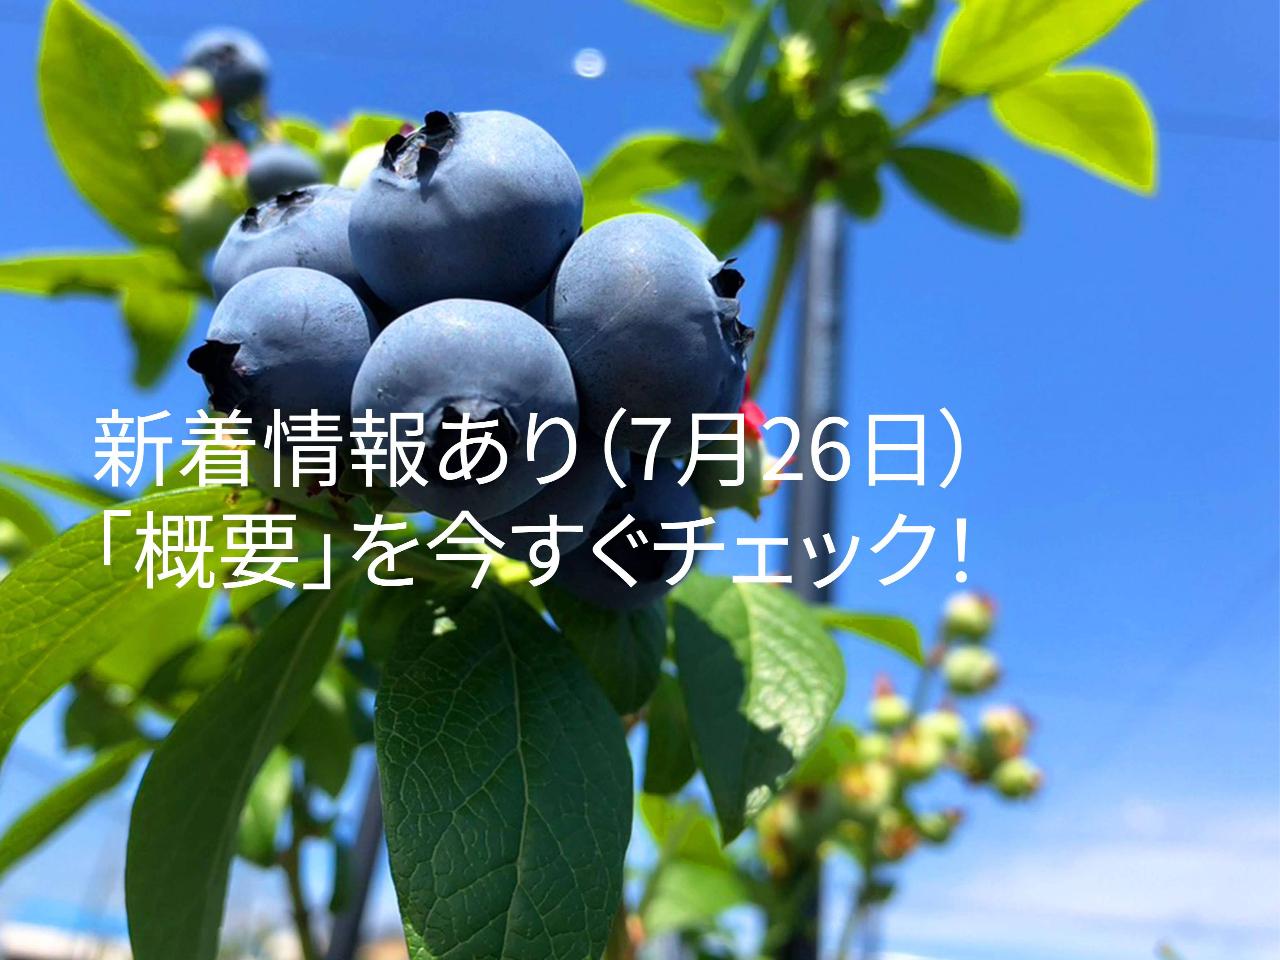 2022年開催予定!!!《徳島県×阿波市》噂の「アンブレラスカイ」がお出迎え!!...